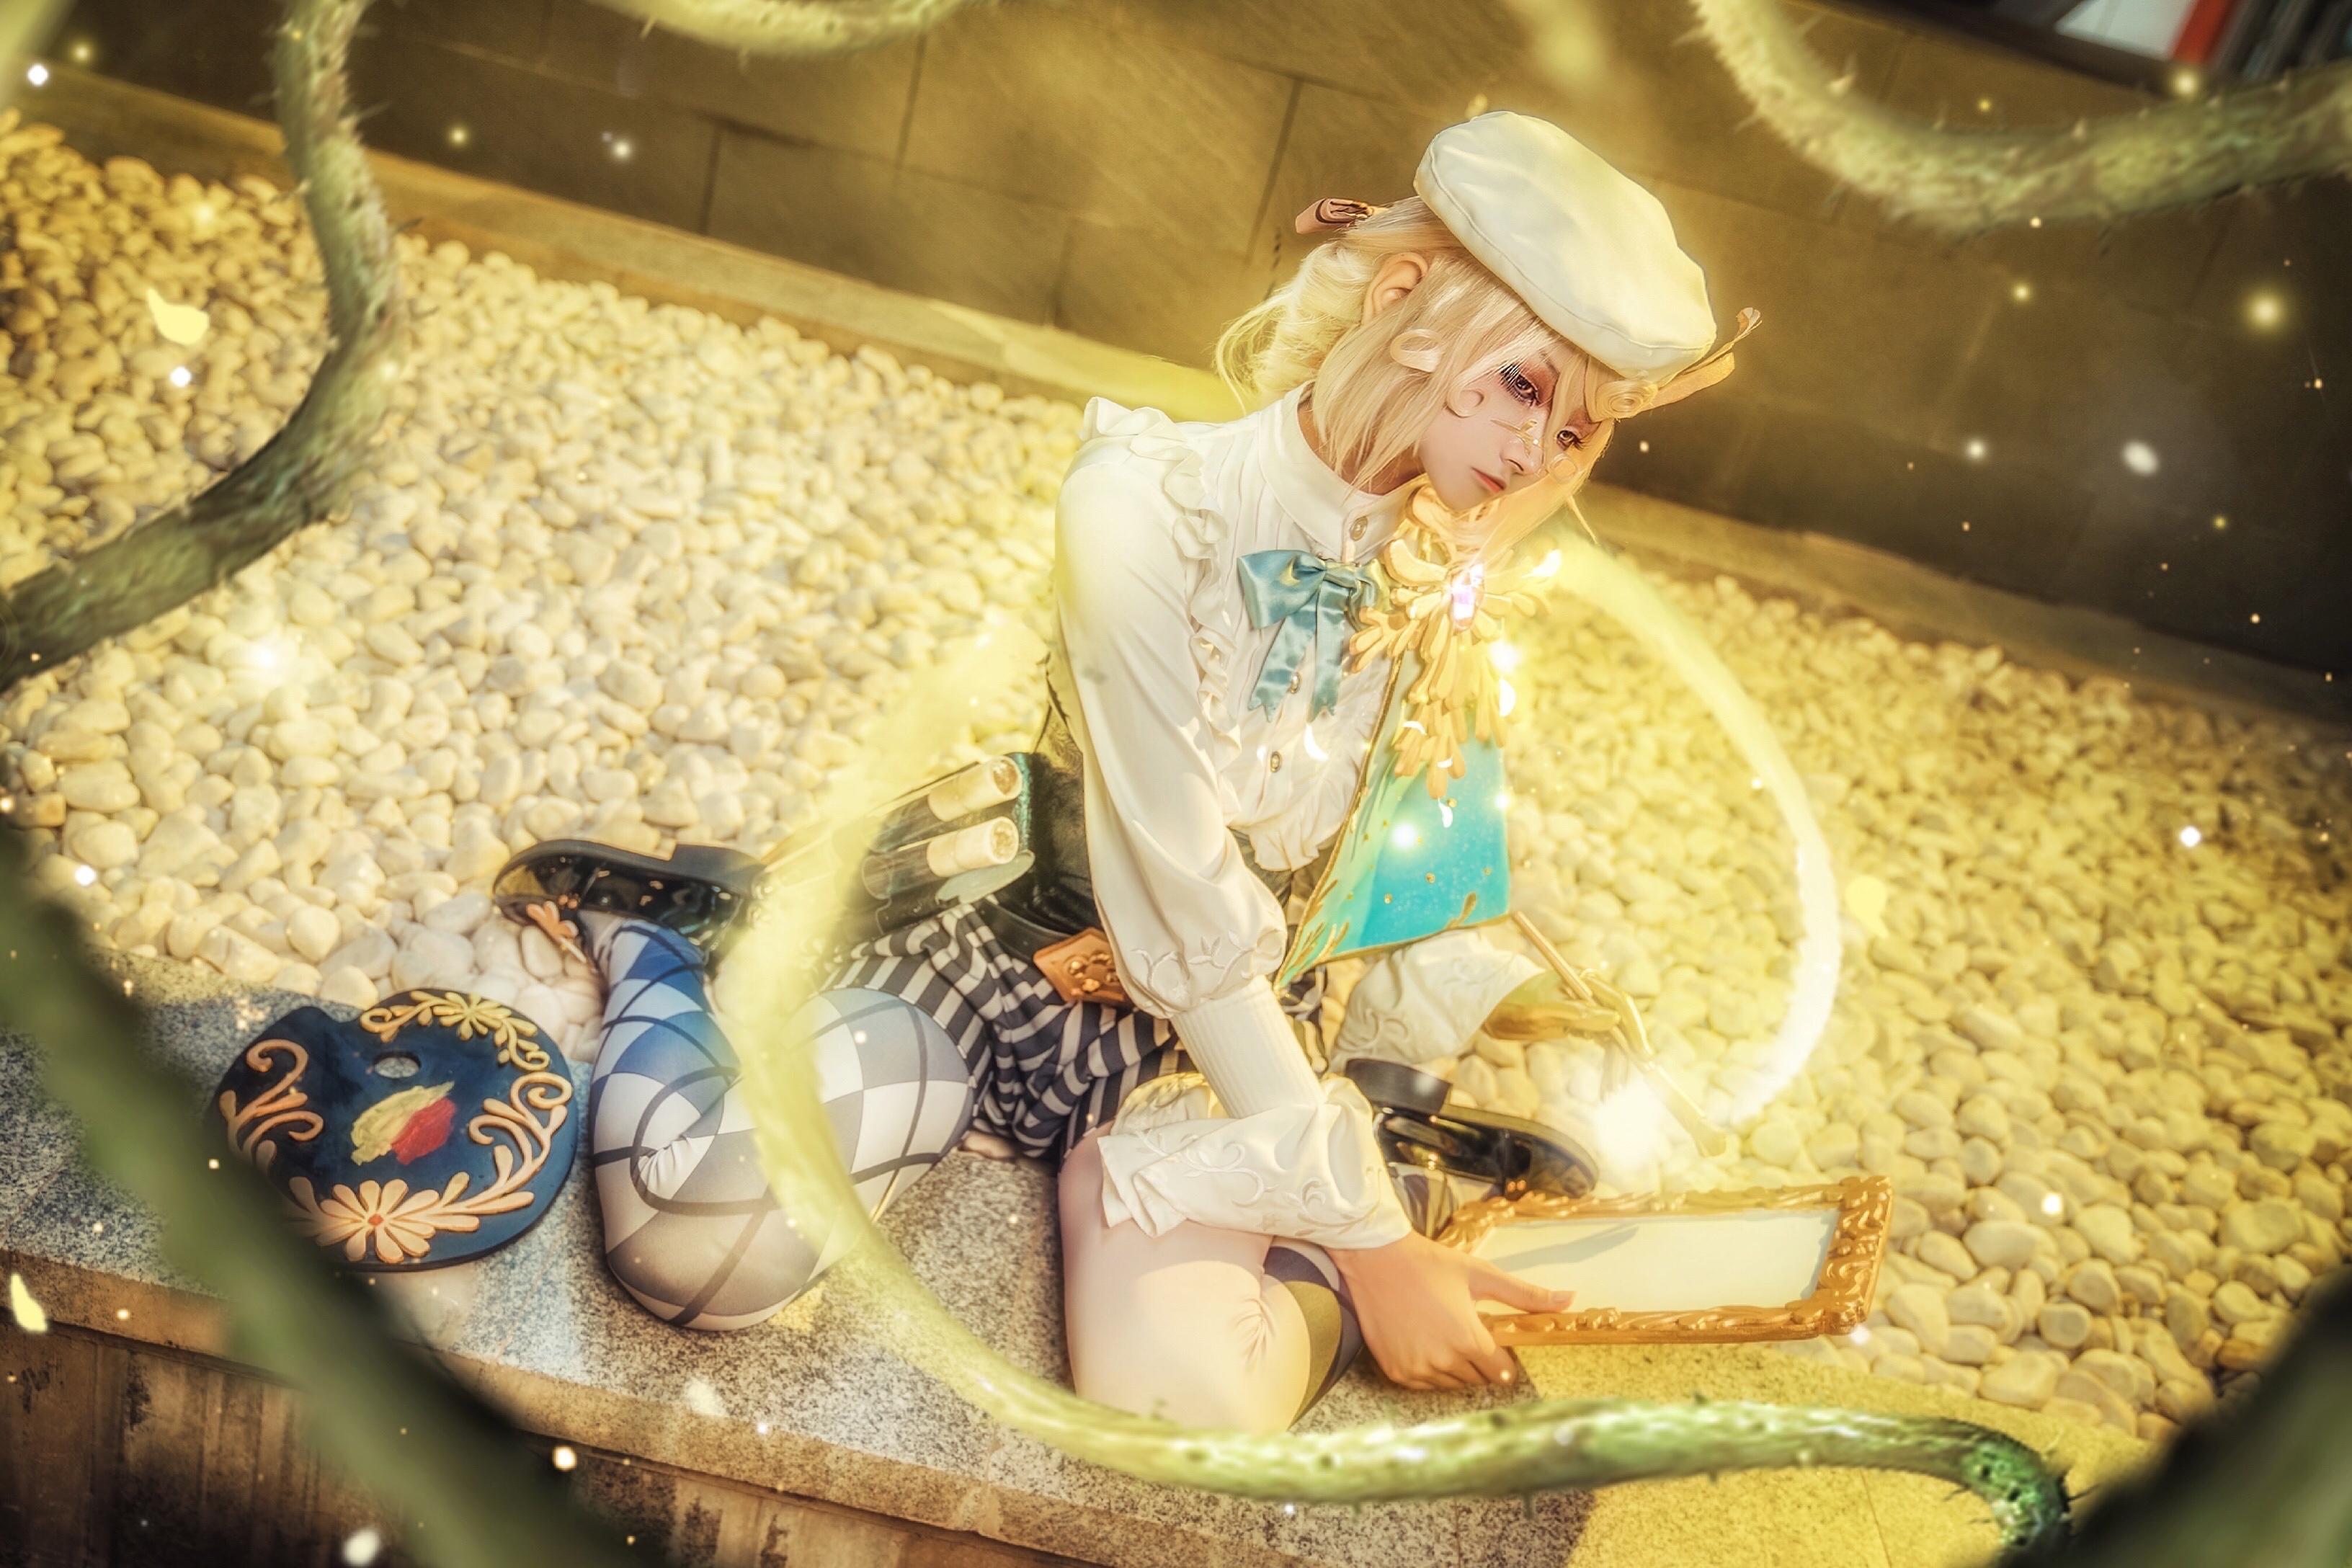 《第五人格》画家cosplay【CN:此时一把靓伞飞过】 -魔道祖师cosplay服装图片插图